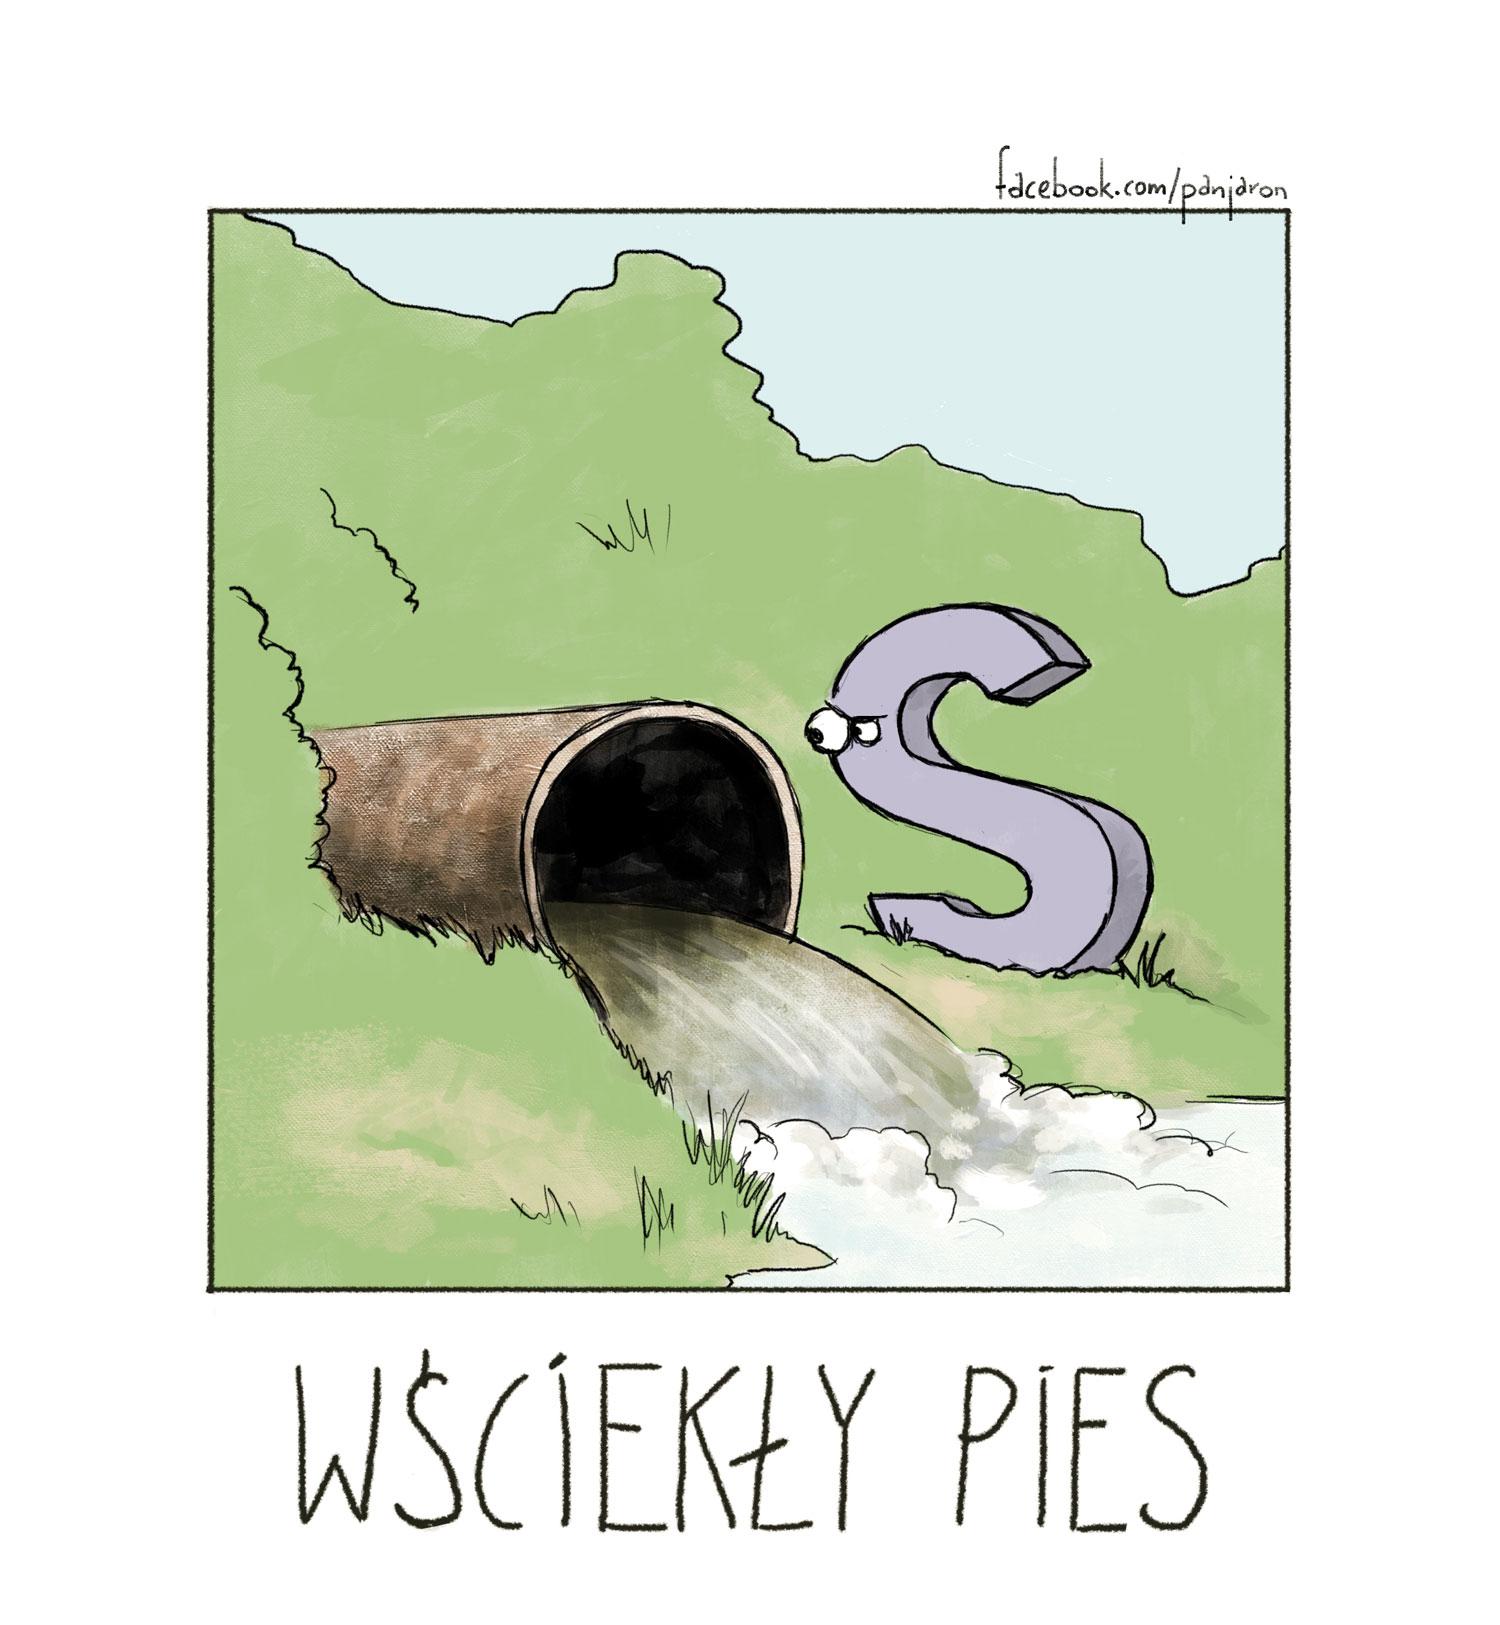 wscieklypies